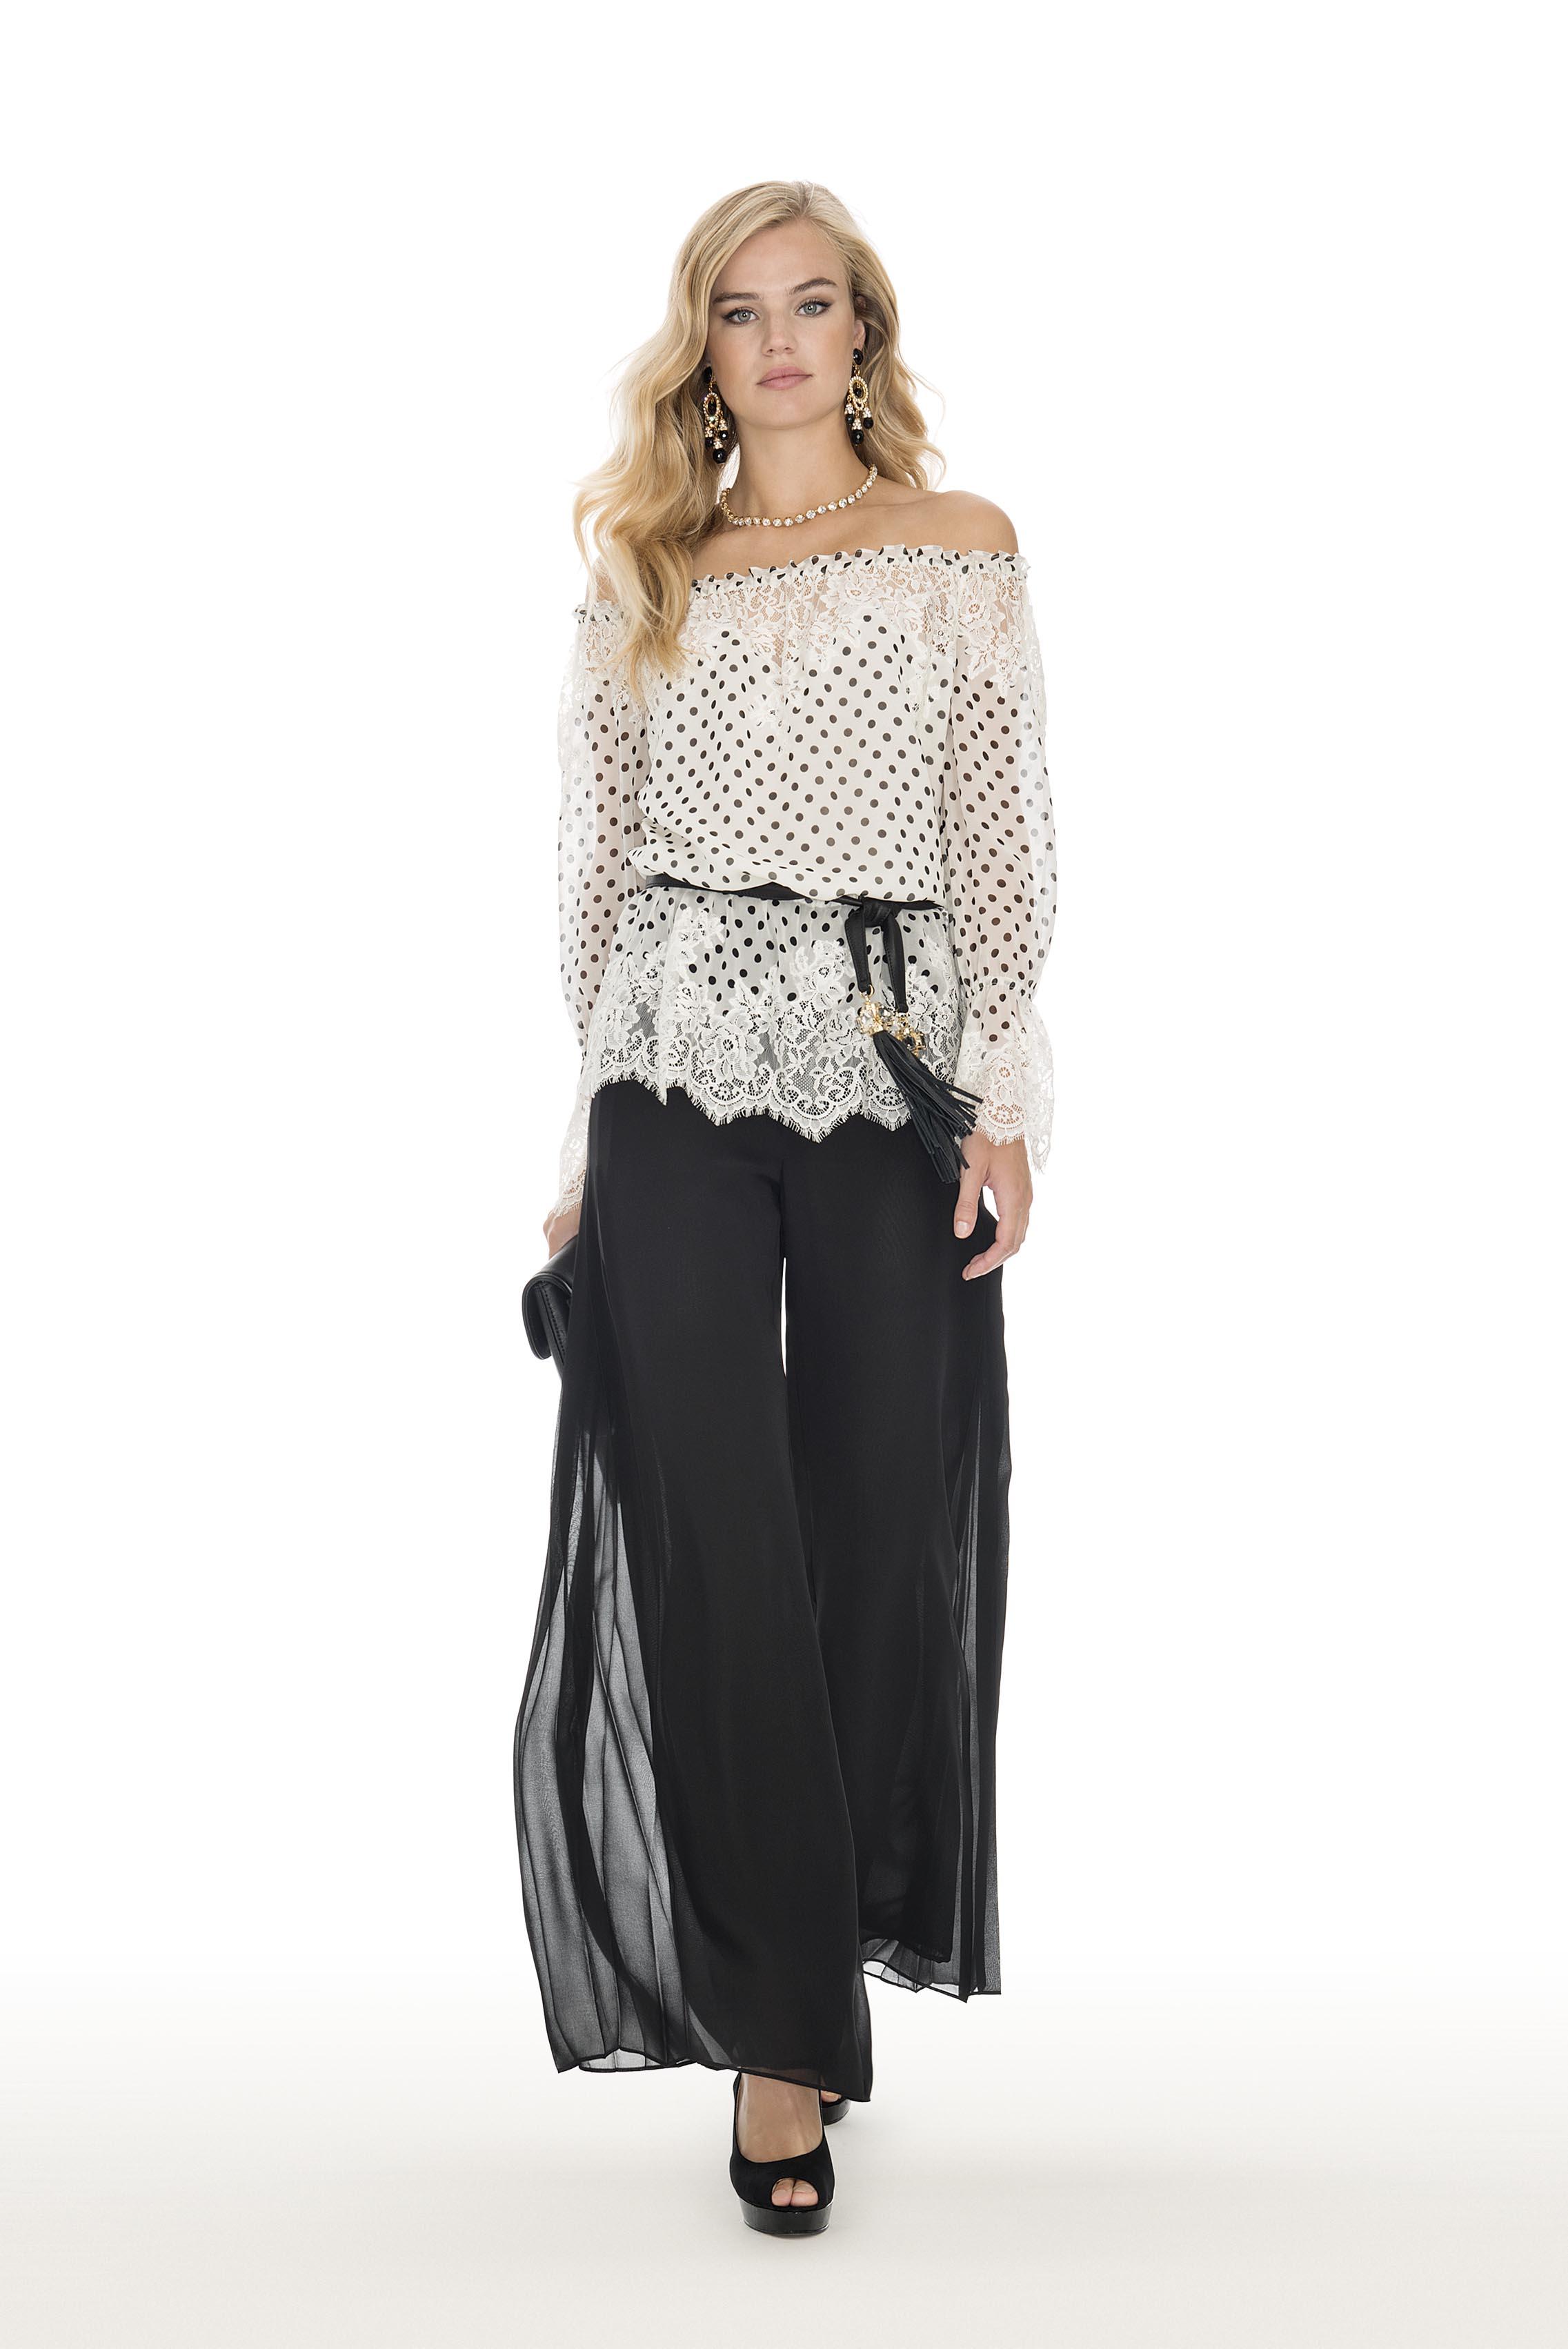 Abiti da cerimonia pantaloni luisa spagnoli – Modelli alla moda di ... 57303c6b027